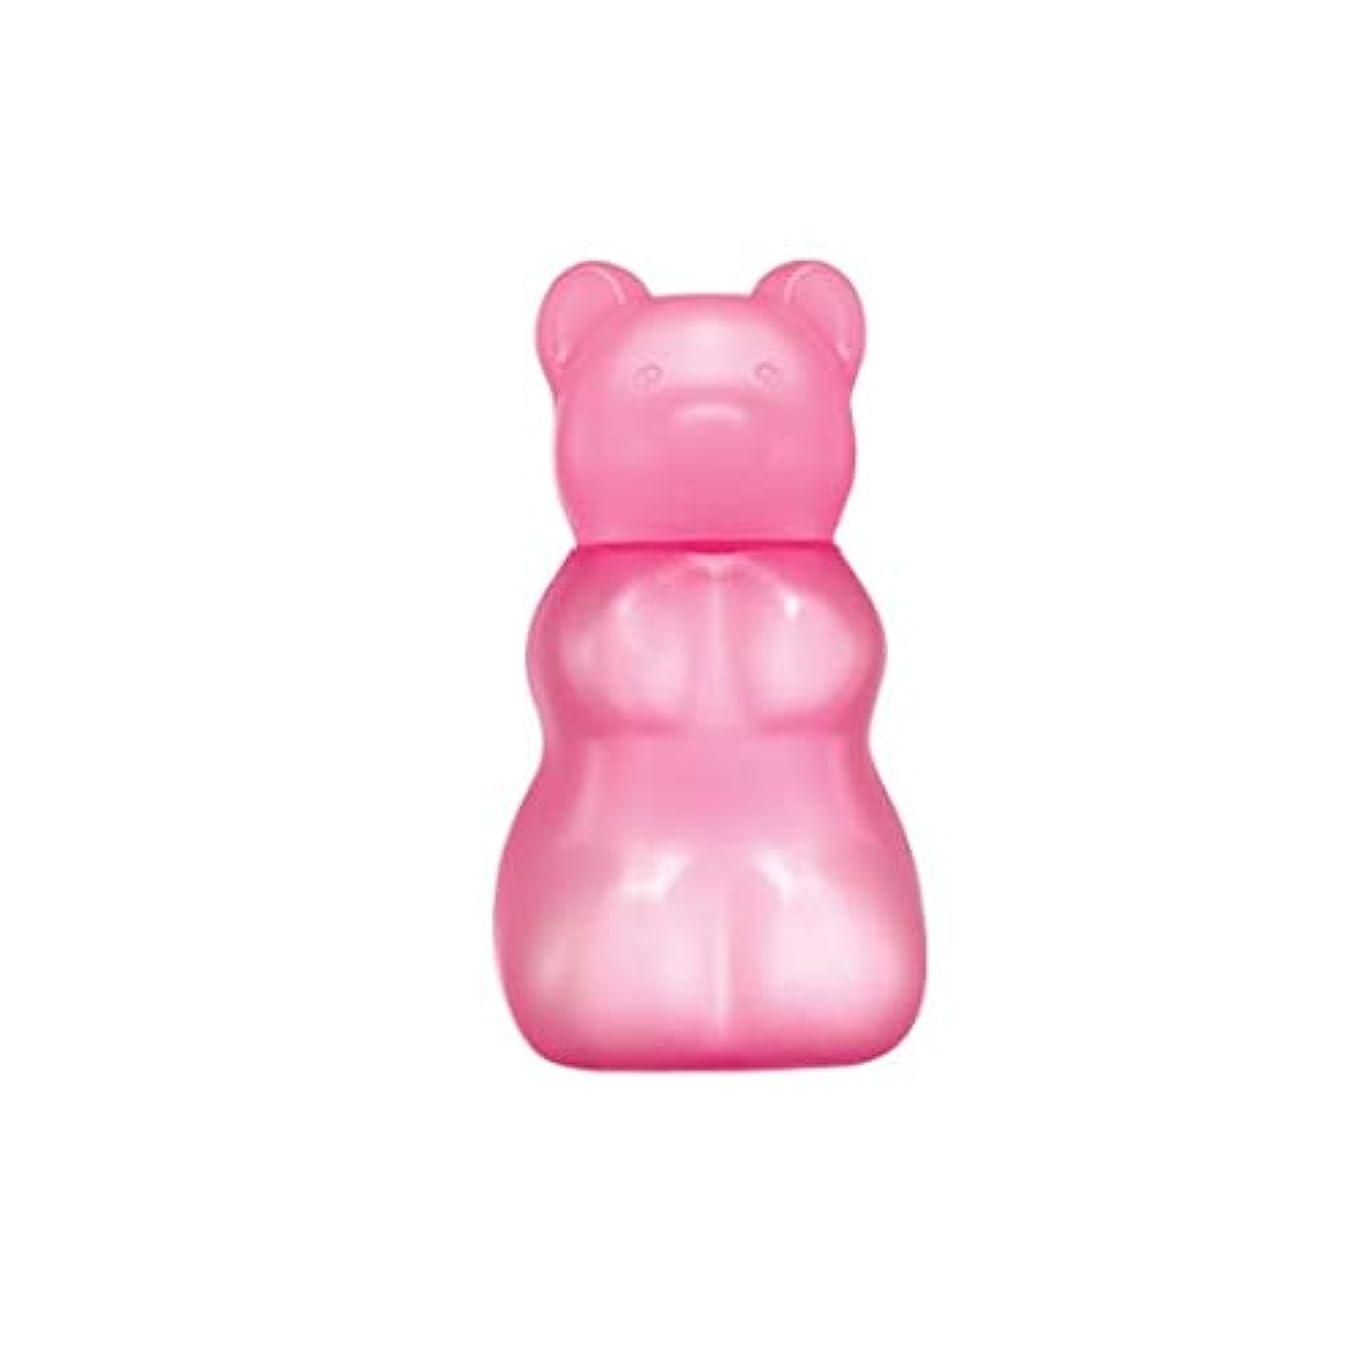 スラックうぬぼれ息切れSkinfood グミベアゼリークリーンジェル(アップル)#ラズベリー(ハンドジェル) / Gummy Bear Jelly Clean Gel (Apple) #Raspberry (Handgel) 45ml [並行輸入品]